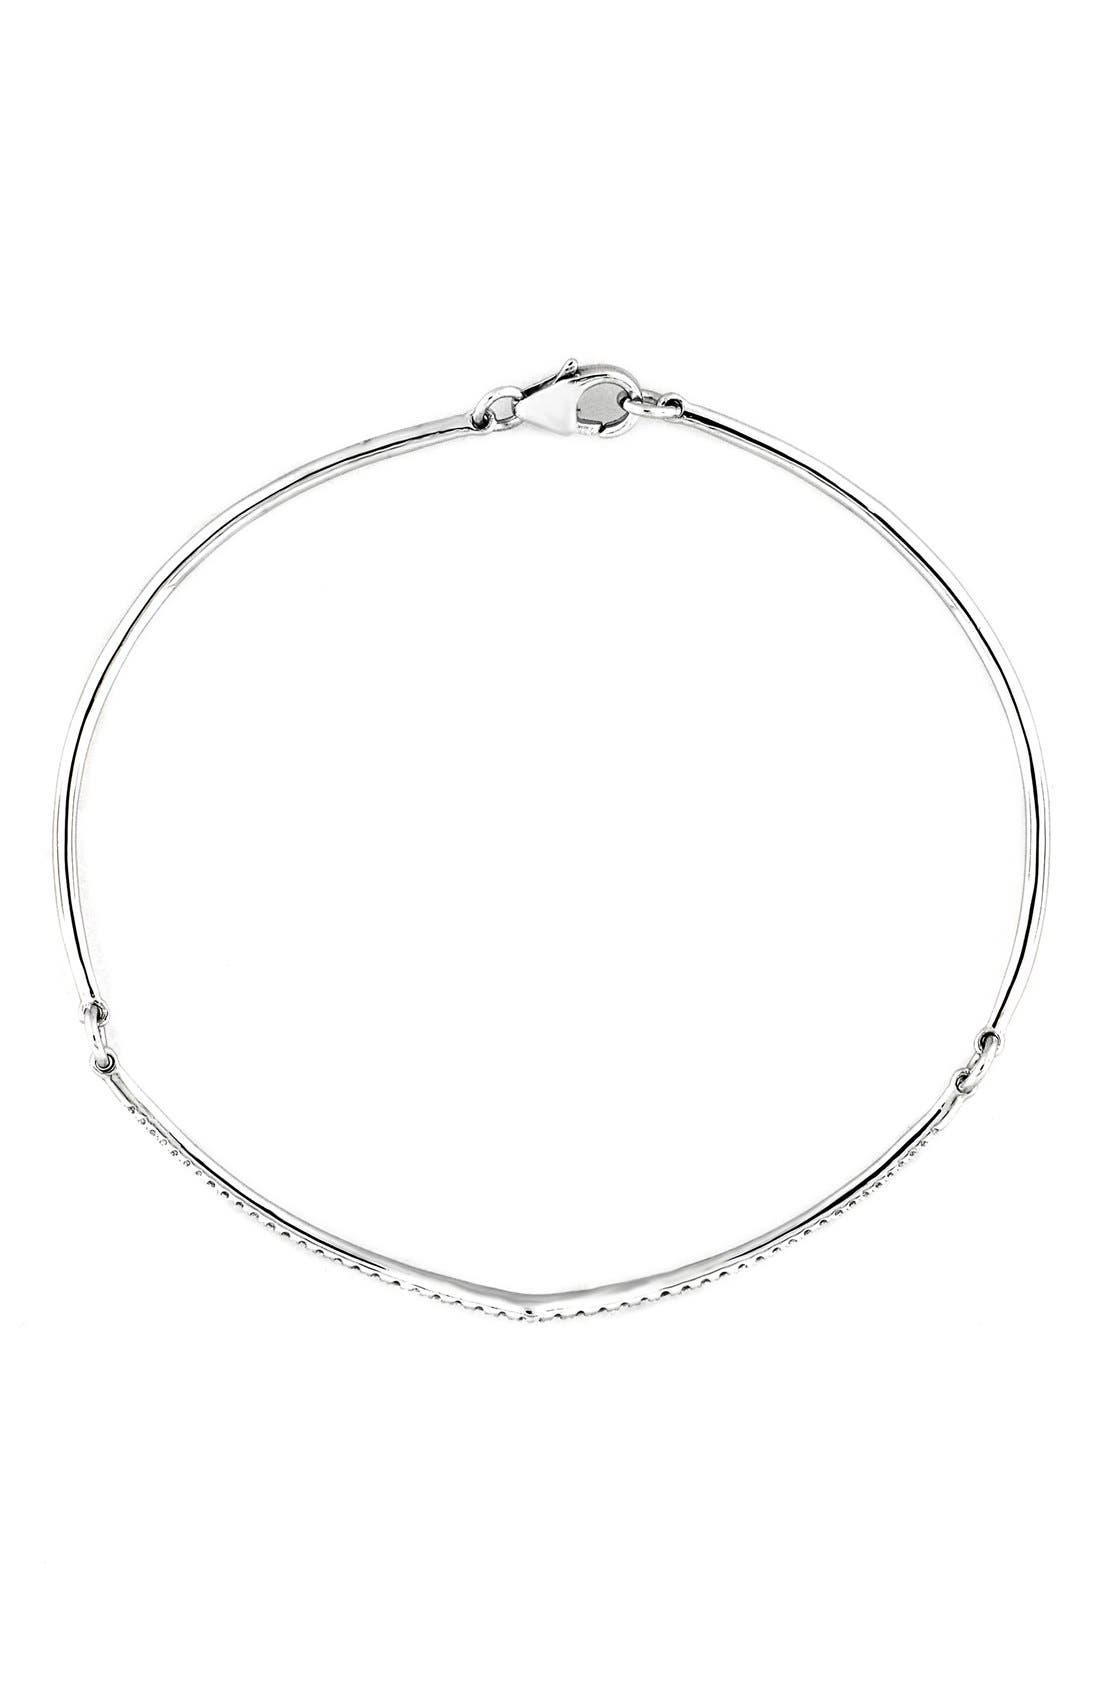 Pavé Diamond Bangle Bracelet,                             Main thumbnail 1, color,                             White Gold